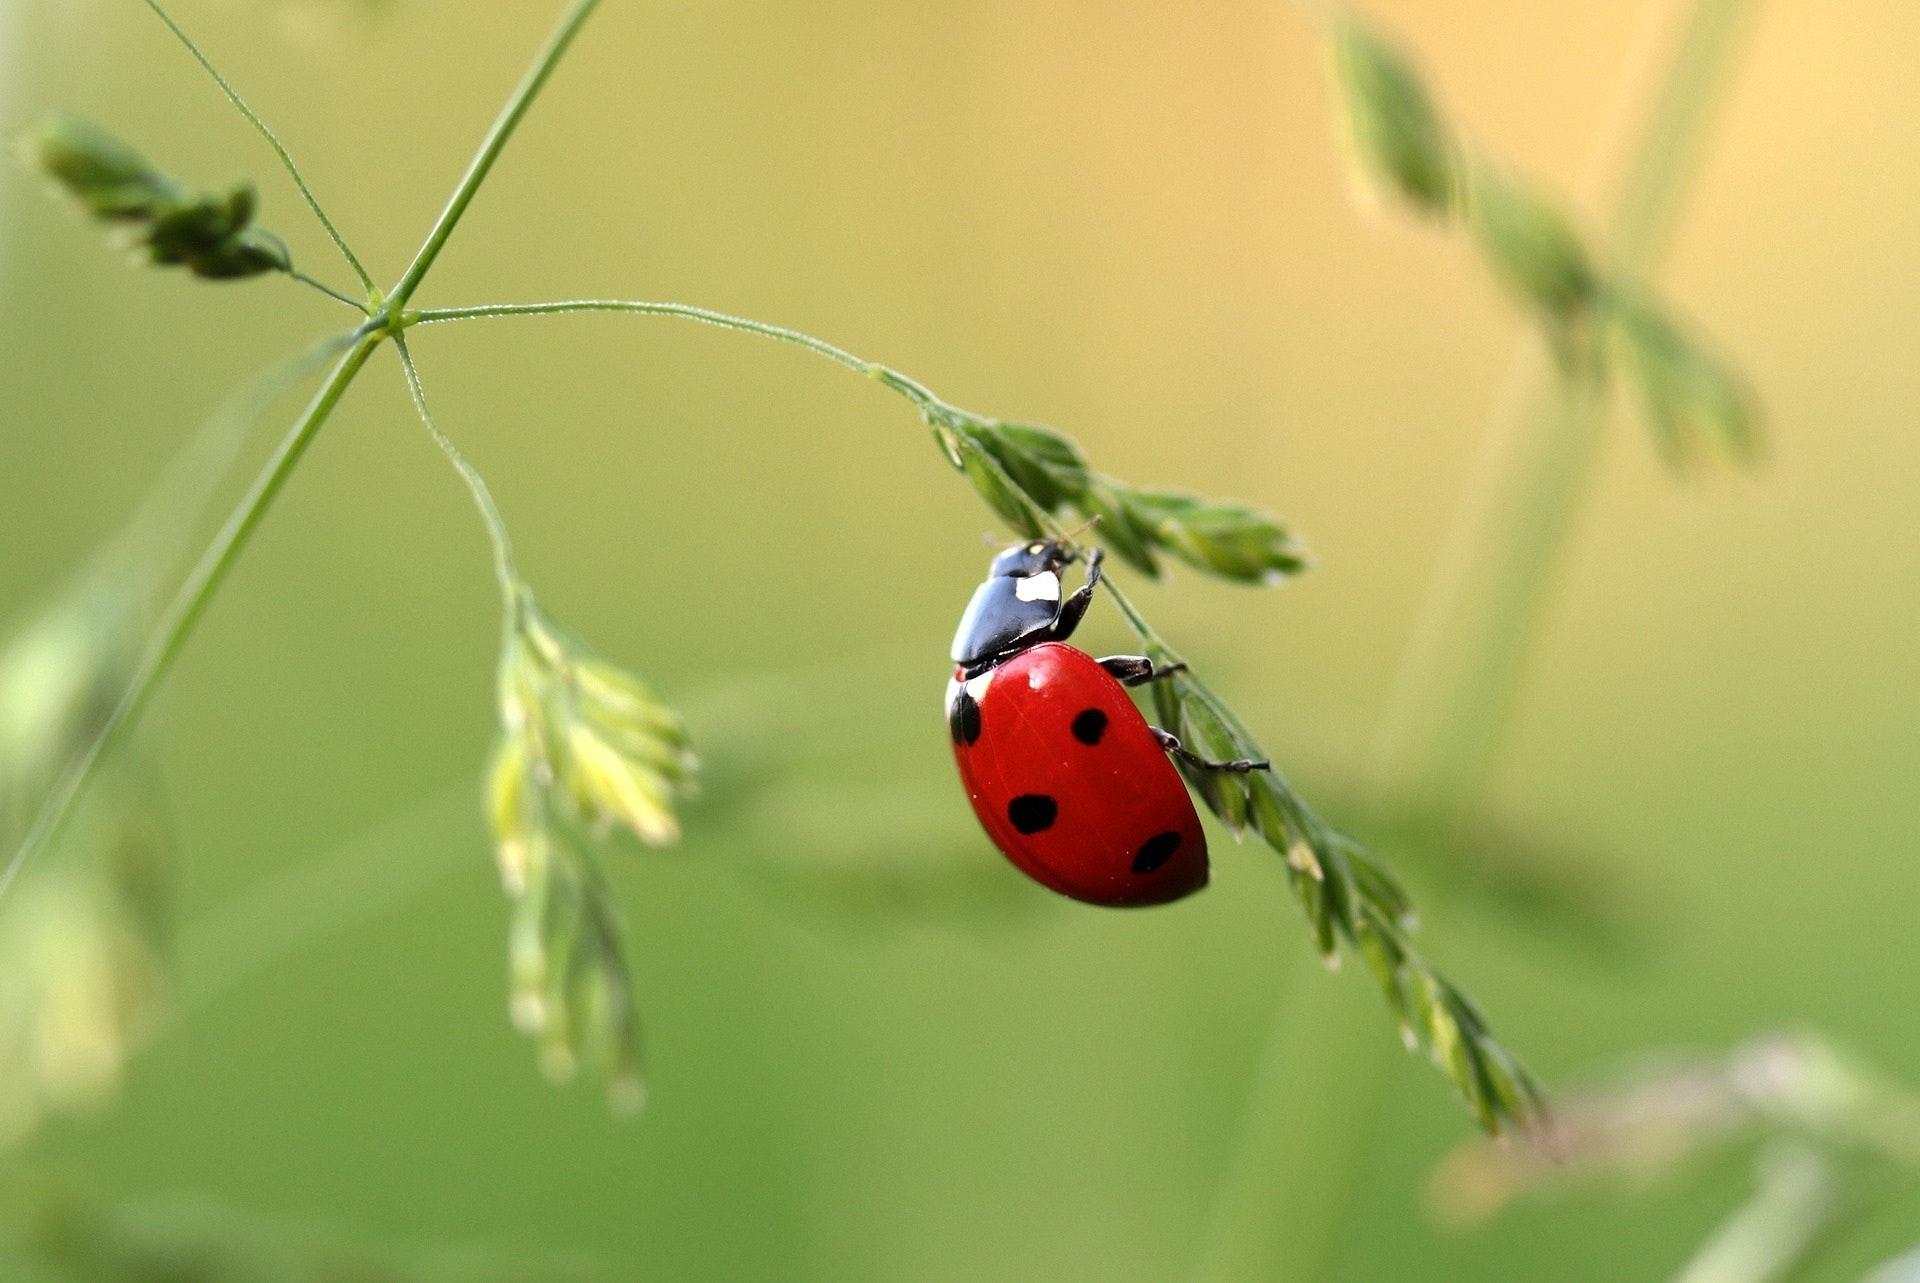 close-up-photo-of-ladybug-on-leaf-during